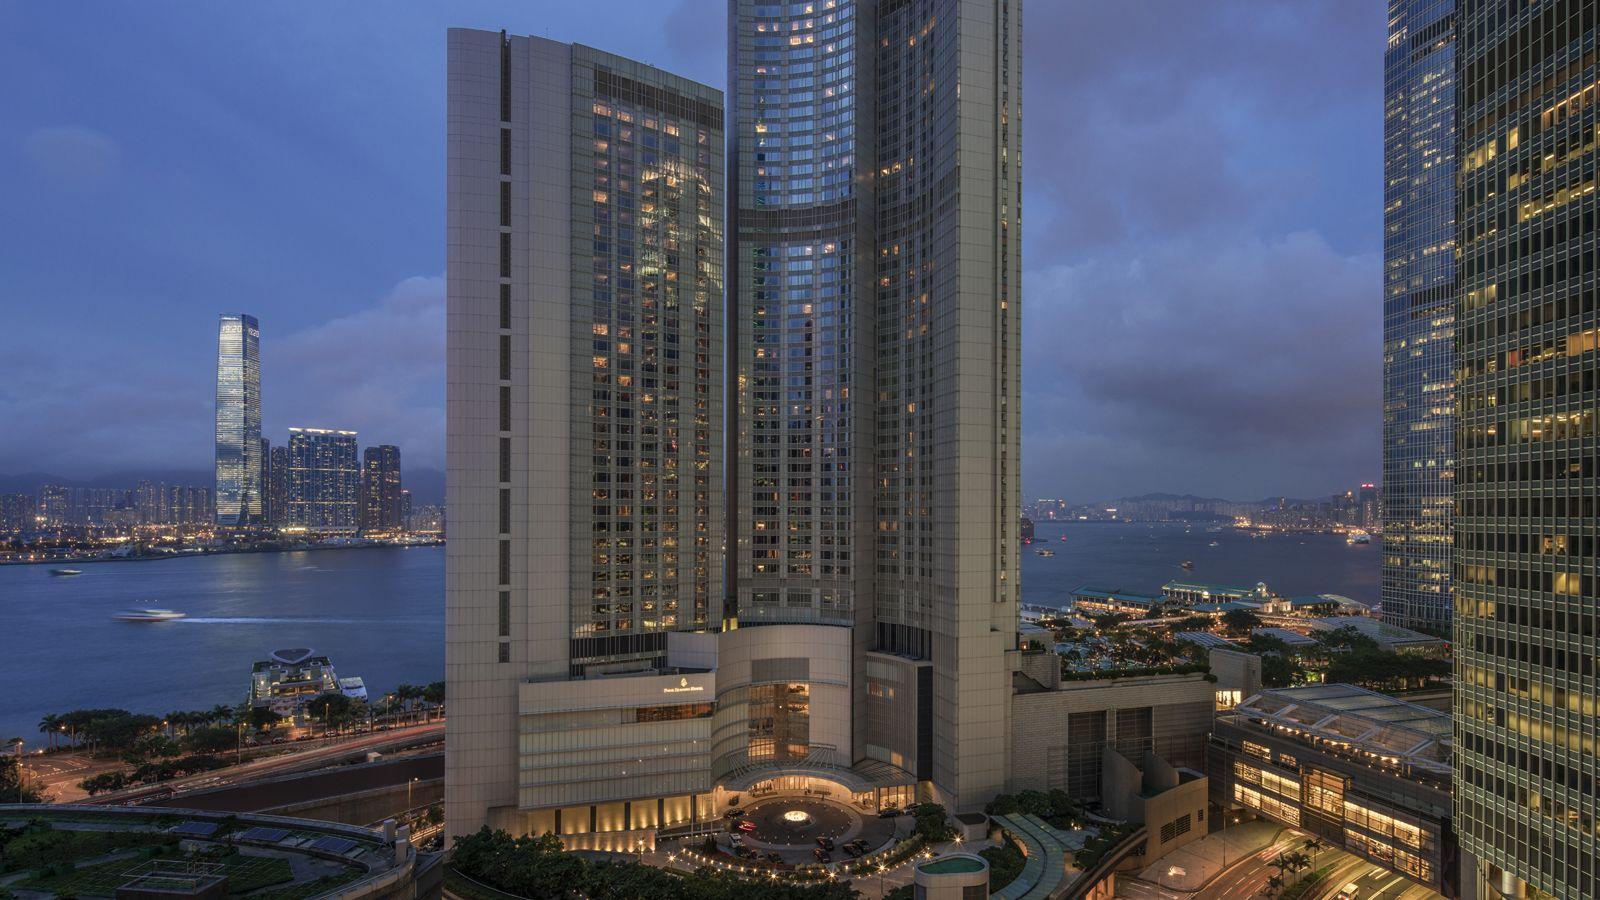 Sneak Peek: Four Seasons Hong Kong Gets a New Look